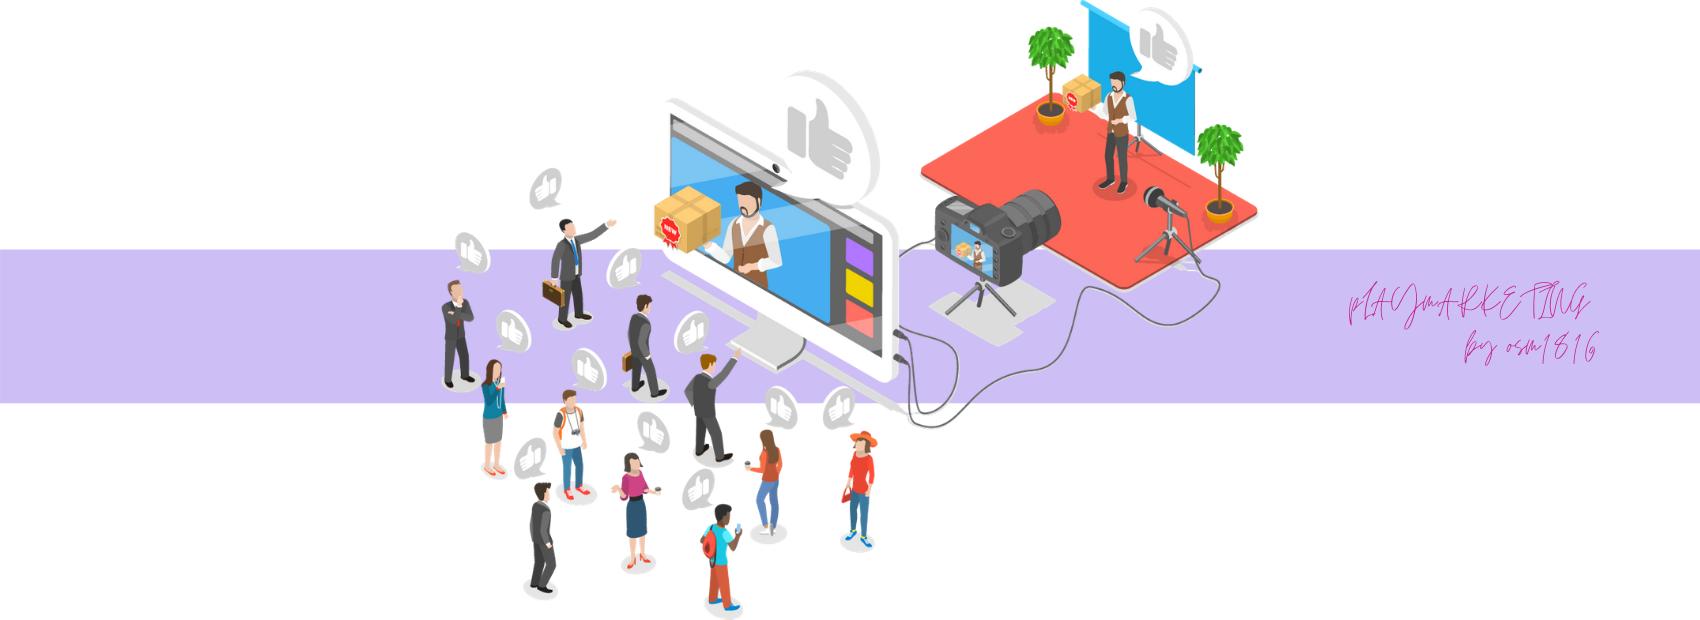 Video marketing, come fare? Ecco 6 consigli